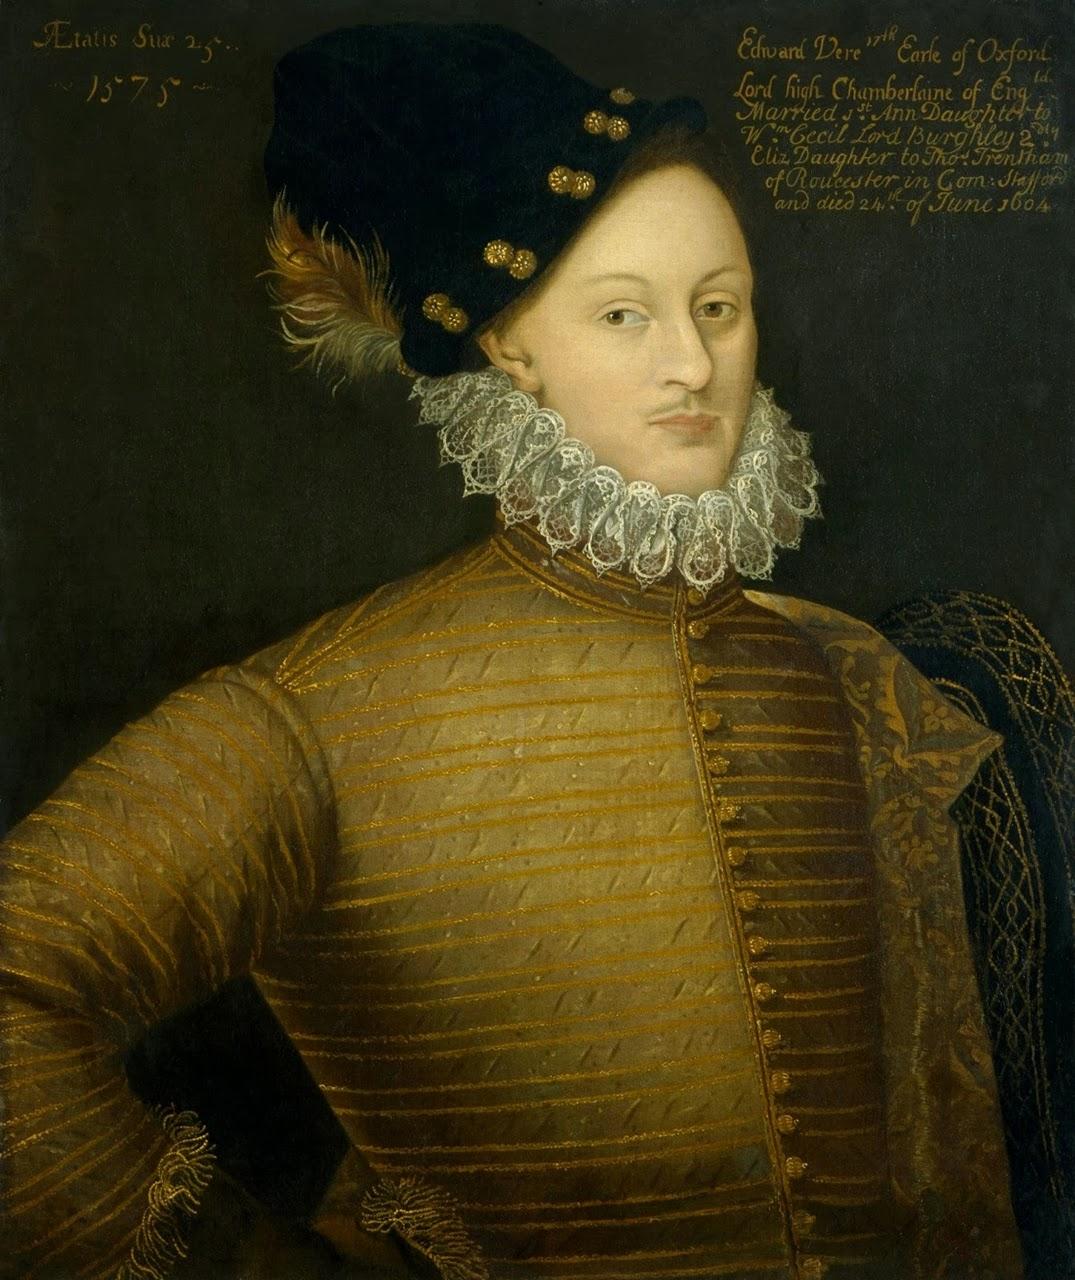 Edward de Vere, 1575 - A lui attribuite le opere pubblicate sotto il nome di William Shakespeare